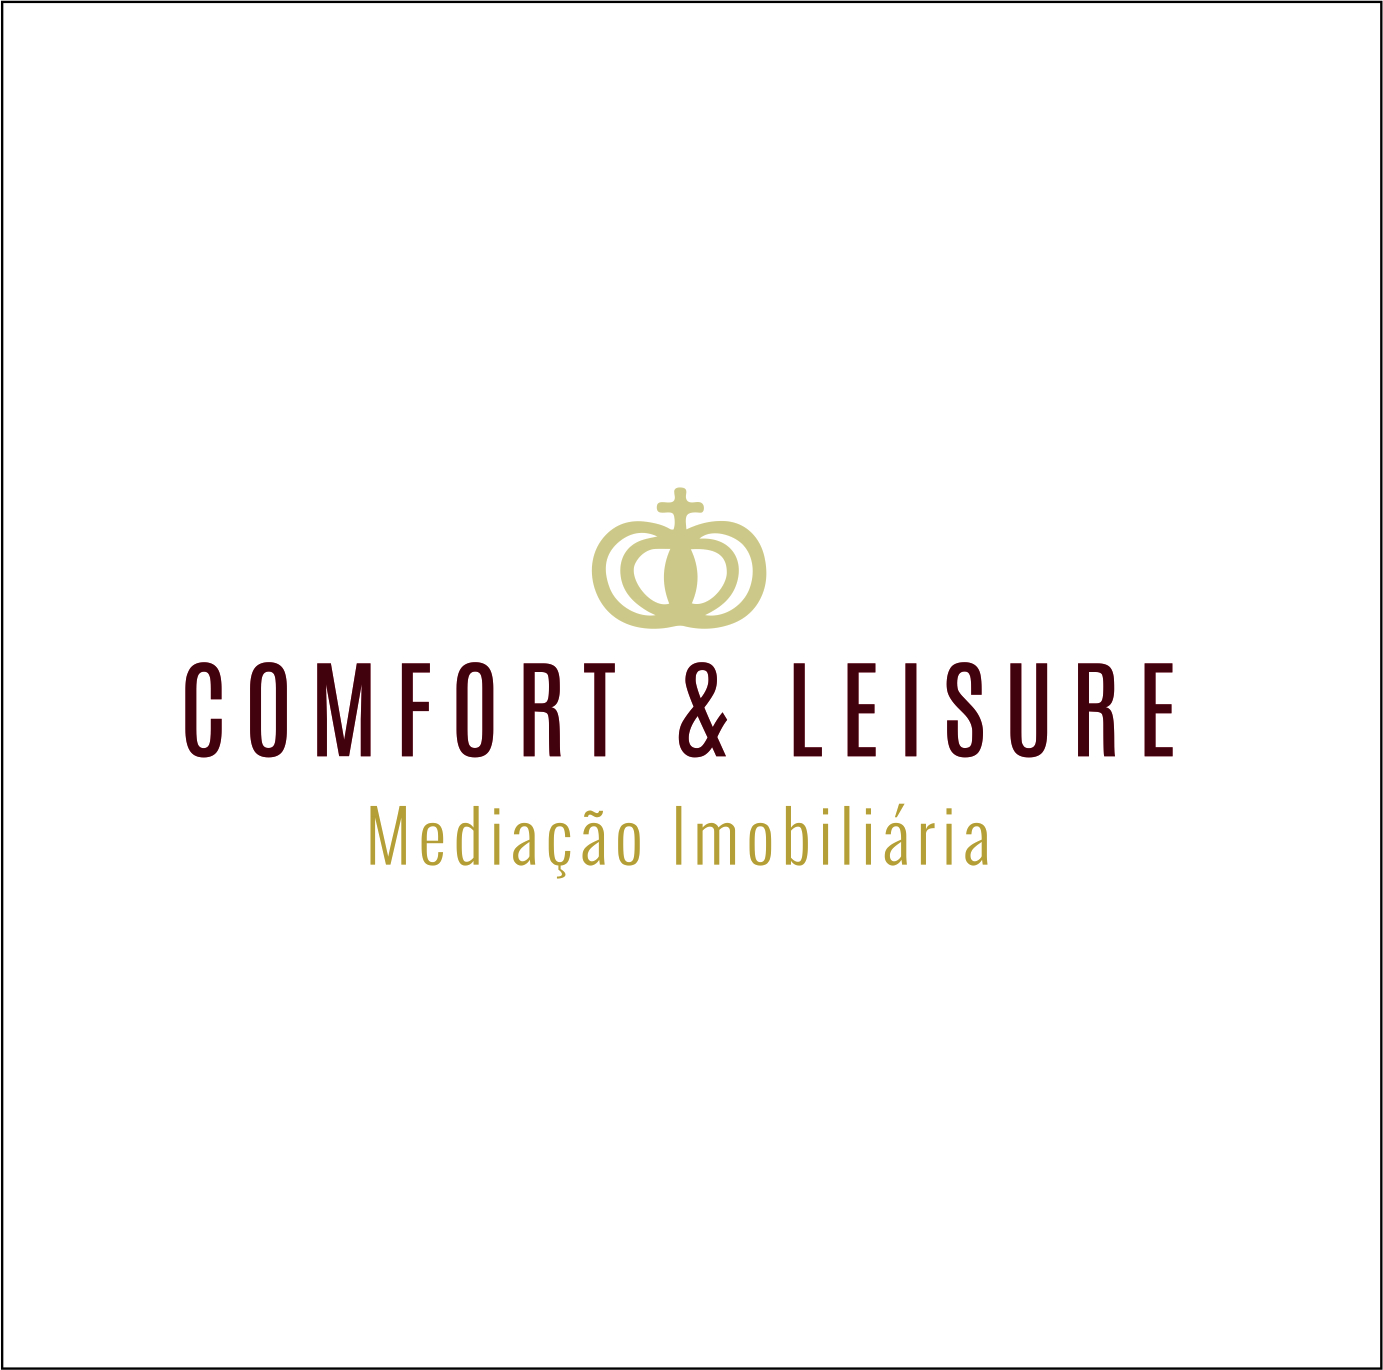 Comfort & Leisure, Unipessoal, Lda.